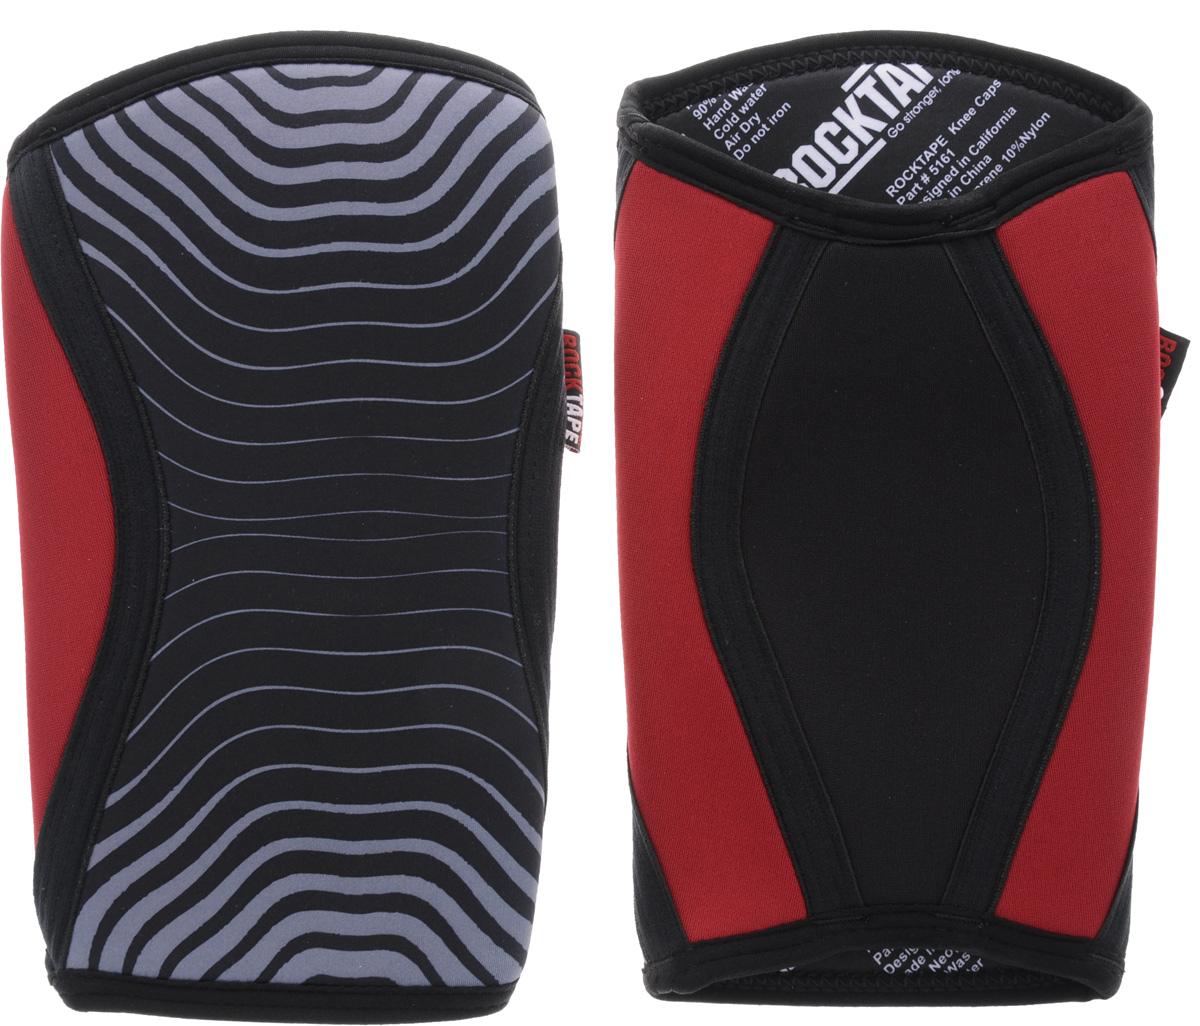 Наколенники Rocktape KneeCaps, цвет: красный, серый, черный, толщина 7 мм. Размер MRTKnCps-Rd-7-MRocktape KneeCaps - это компрессионные наколенники для тяжелой атлетики/CrossFit. Наколенники созданы специально, чтобы обеспечить компрессионный и согревающий эффект, а также придать стабильность коленному суставу для выполнения функциональных движений, таких как становая тяга, пистолет, приседания со штангой.В отличие от аналогов, наколенники Rocktape KneeCaps более высокие и разработаны специально для компрессии VMO (косой медиальной широкой мышцы бедра) в месте ее прикрепления над коленной чашечкой, чтобы обеспечить надлежащую стабилизацию колена и контроль. Помимо стабилизации, они создают компрессионный и согревающий эффект, что улучшает кровоток.Толщина: 7 мм.Обхват колена: 34-37 см.